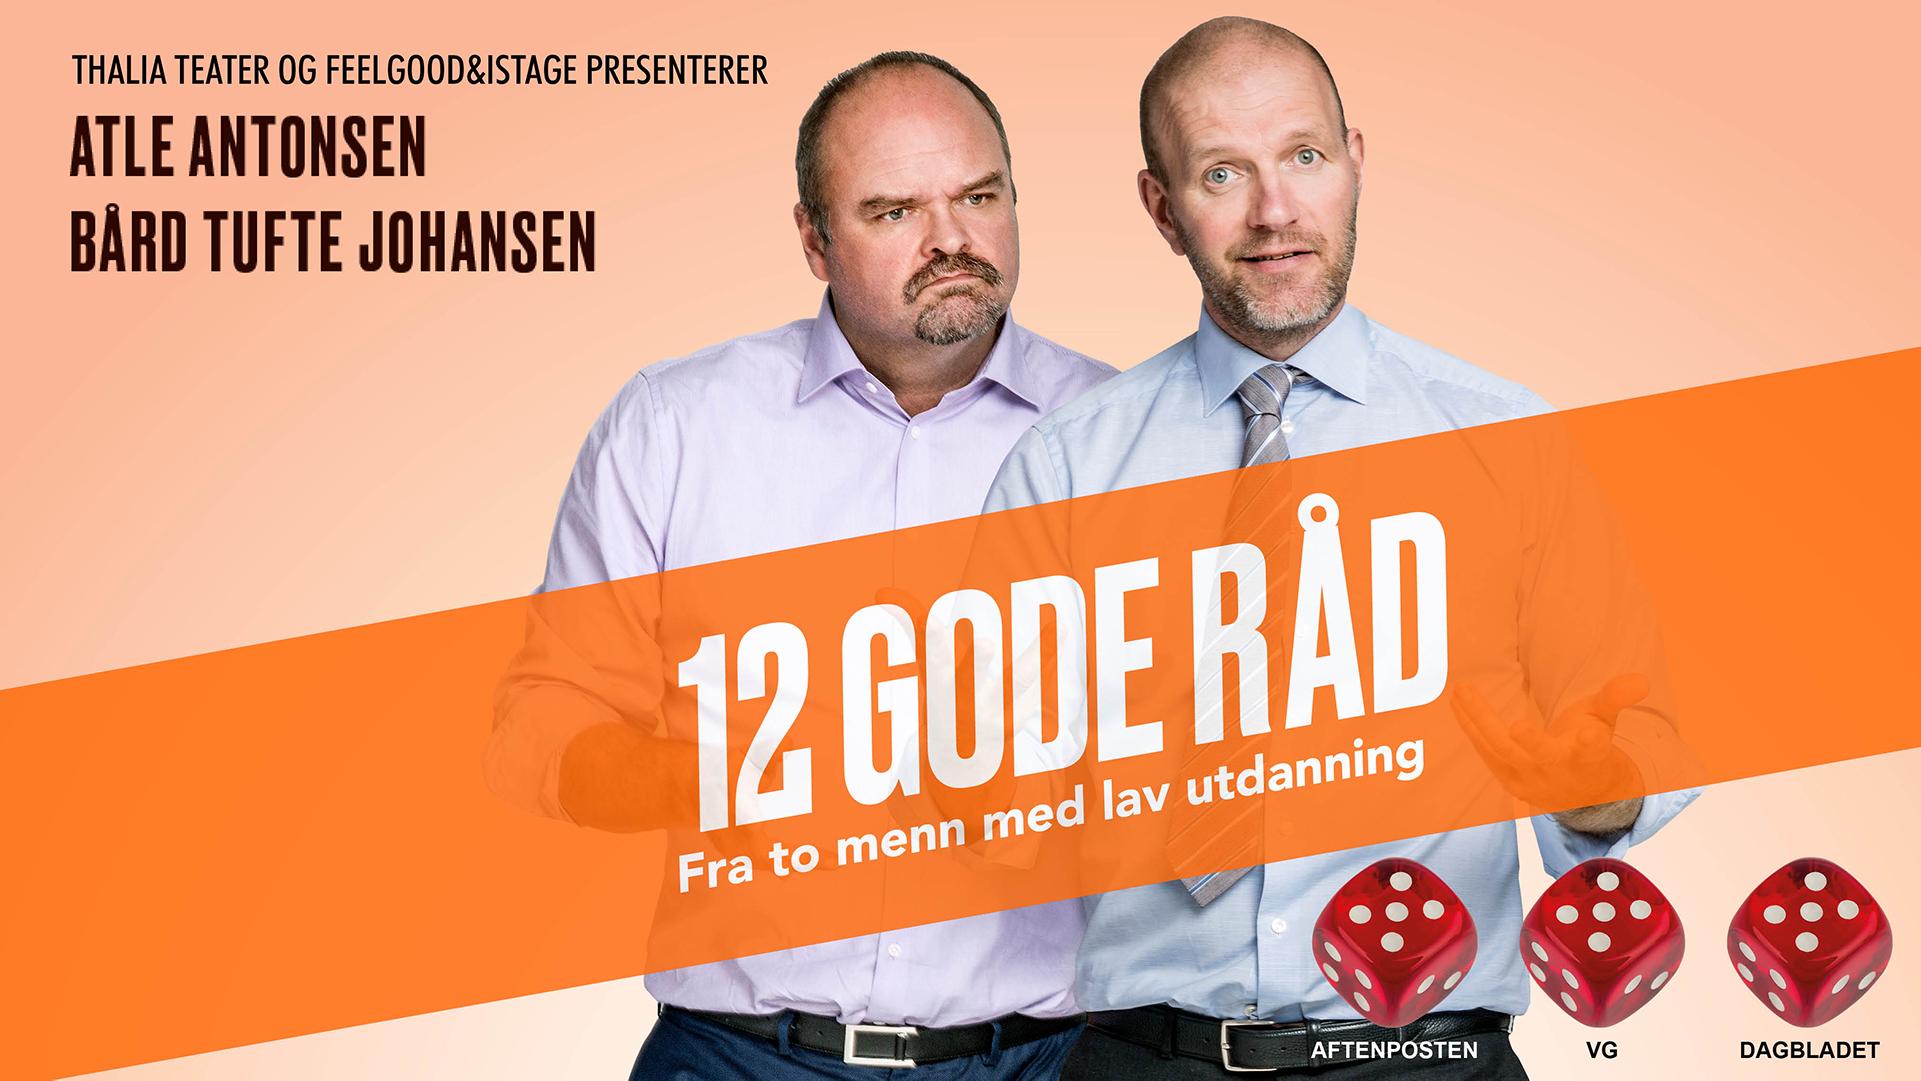 Atle Antonsen og Bård Tufte Johansen